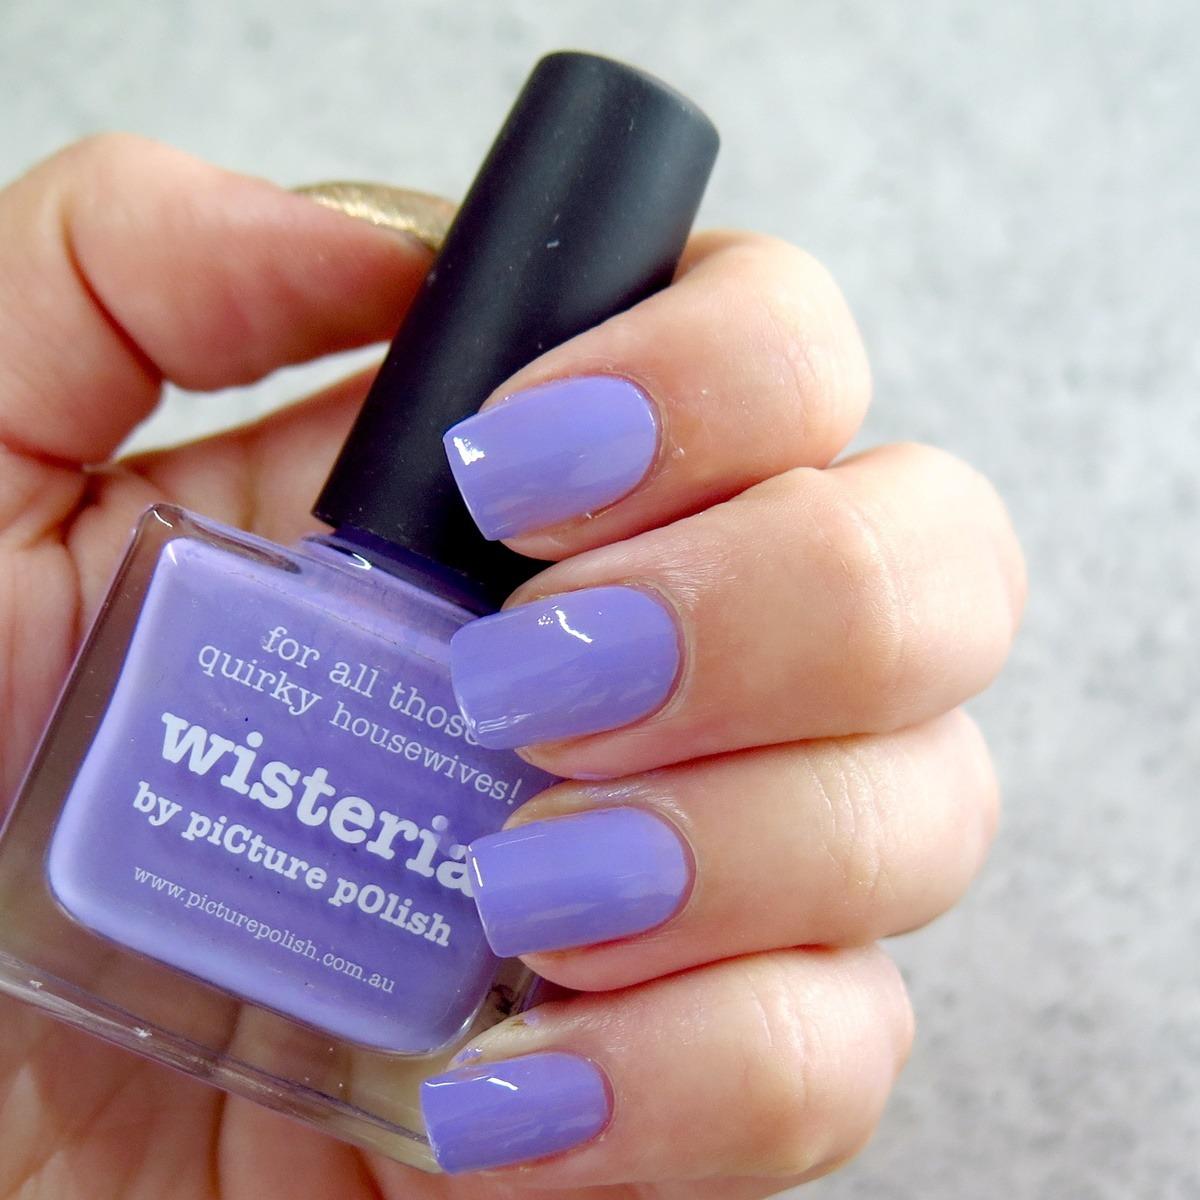 lakier do paznokci fioletowy picture polish wisteria